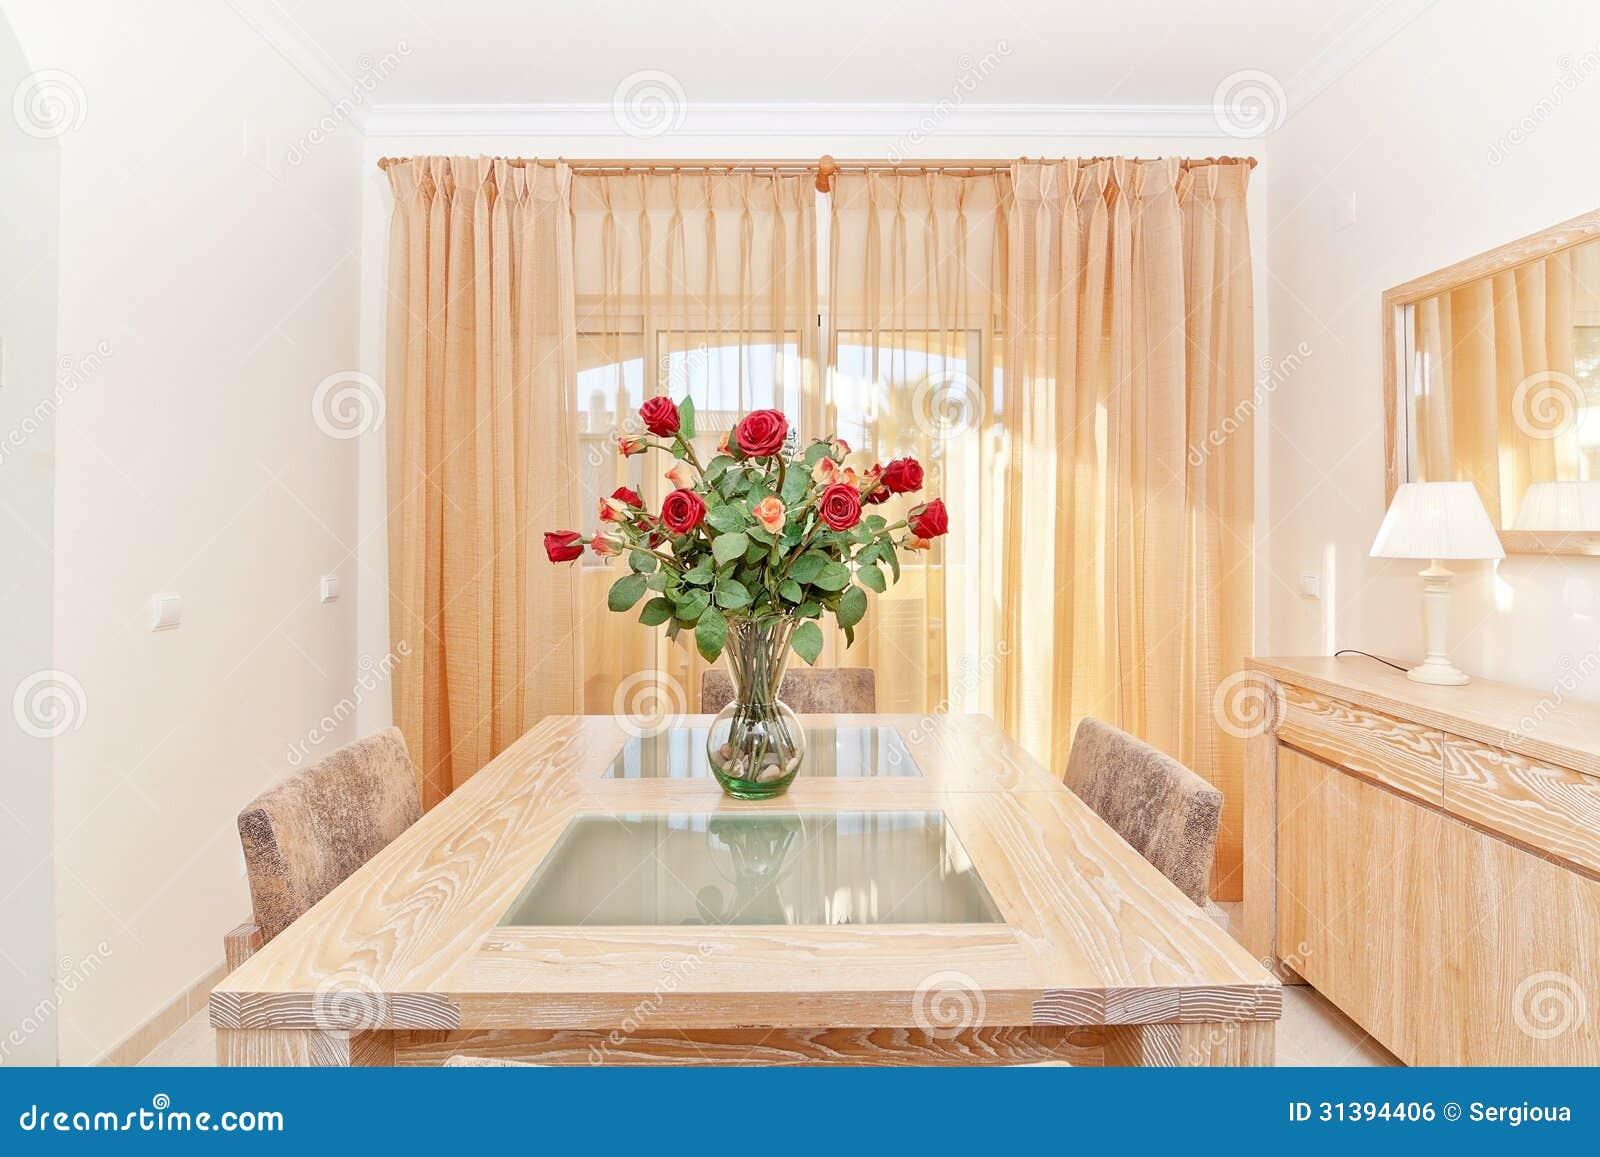 De woonkamer van een mooi boeket van rode rozen in een vaas o royalty vrije stock afbeelding - Huis van de wereld vaas ...